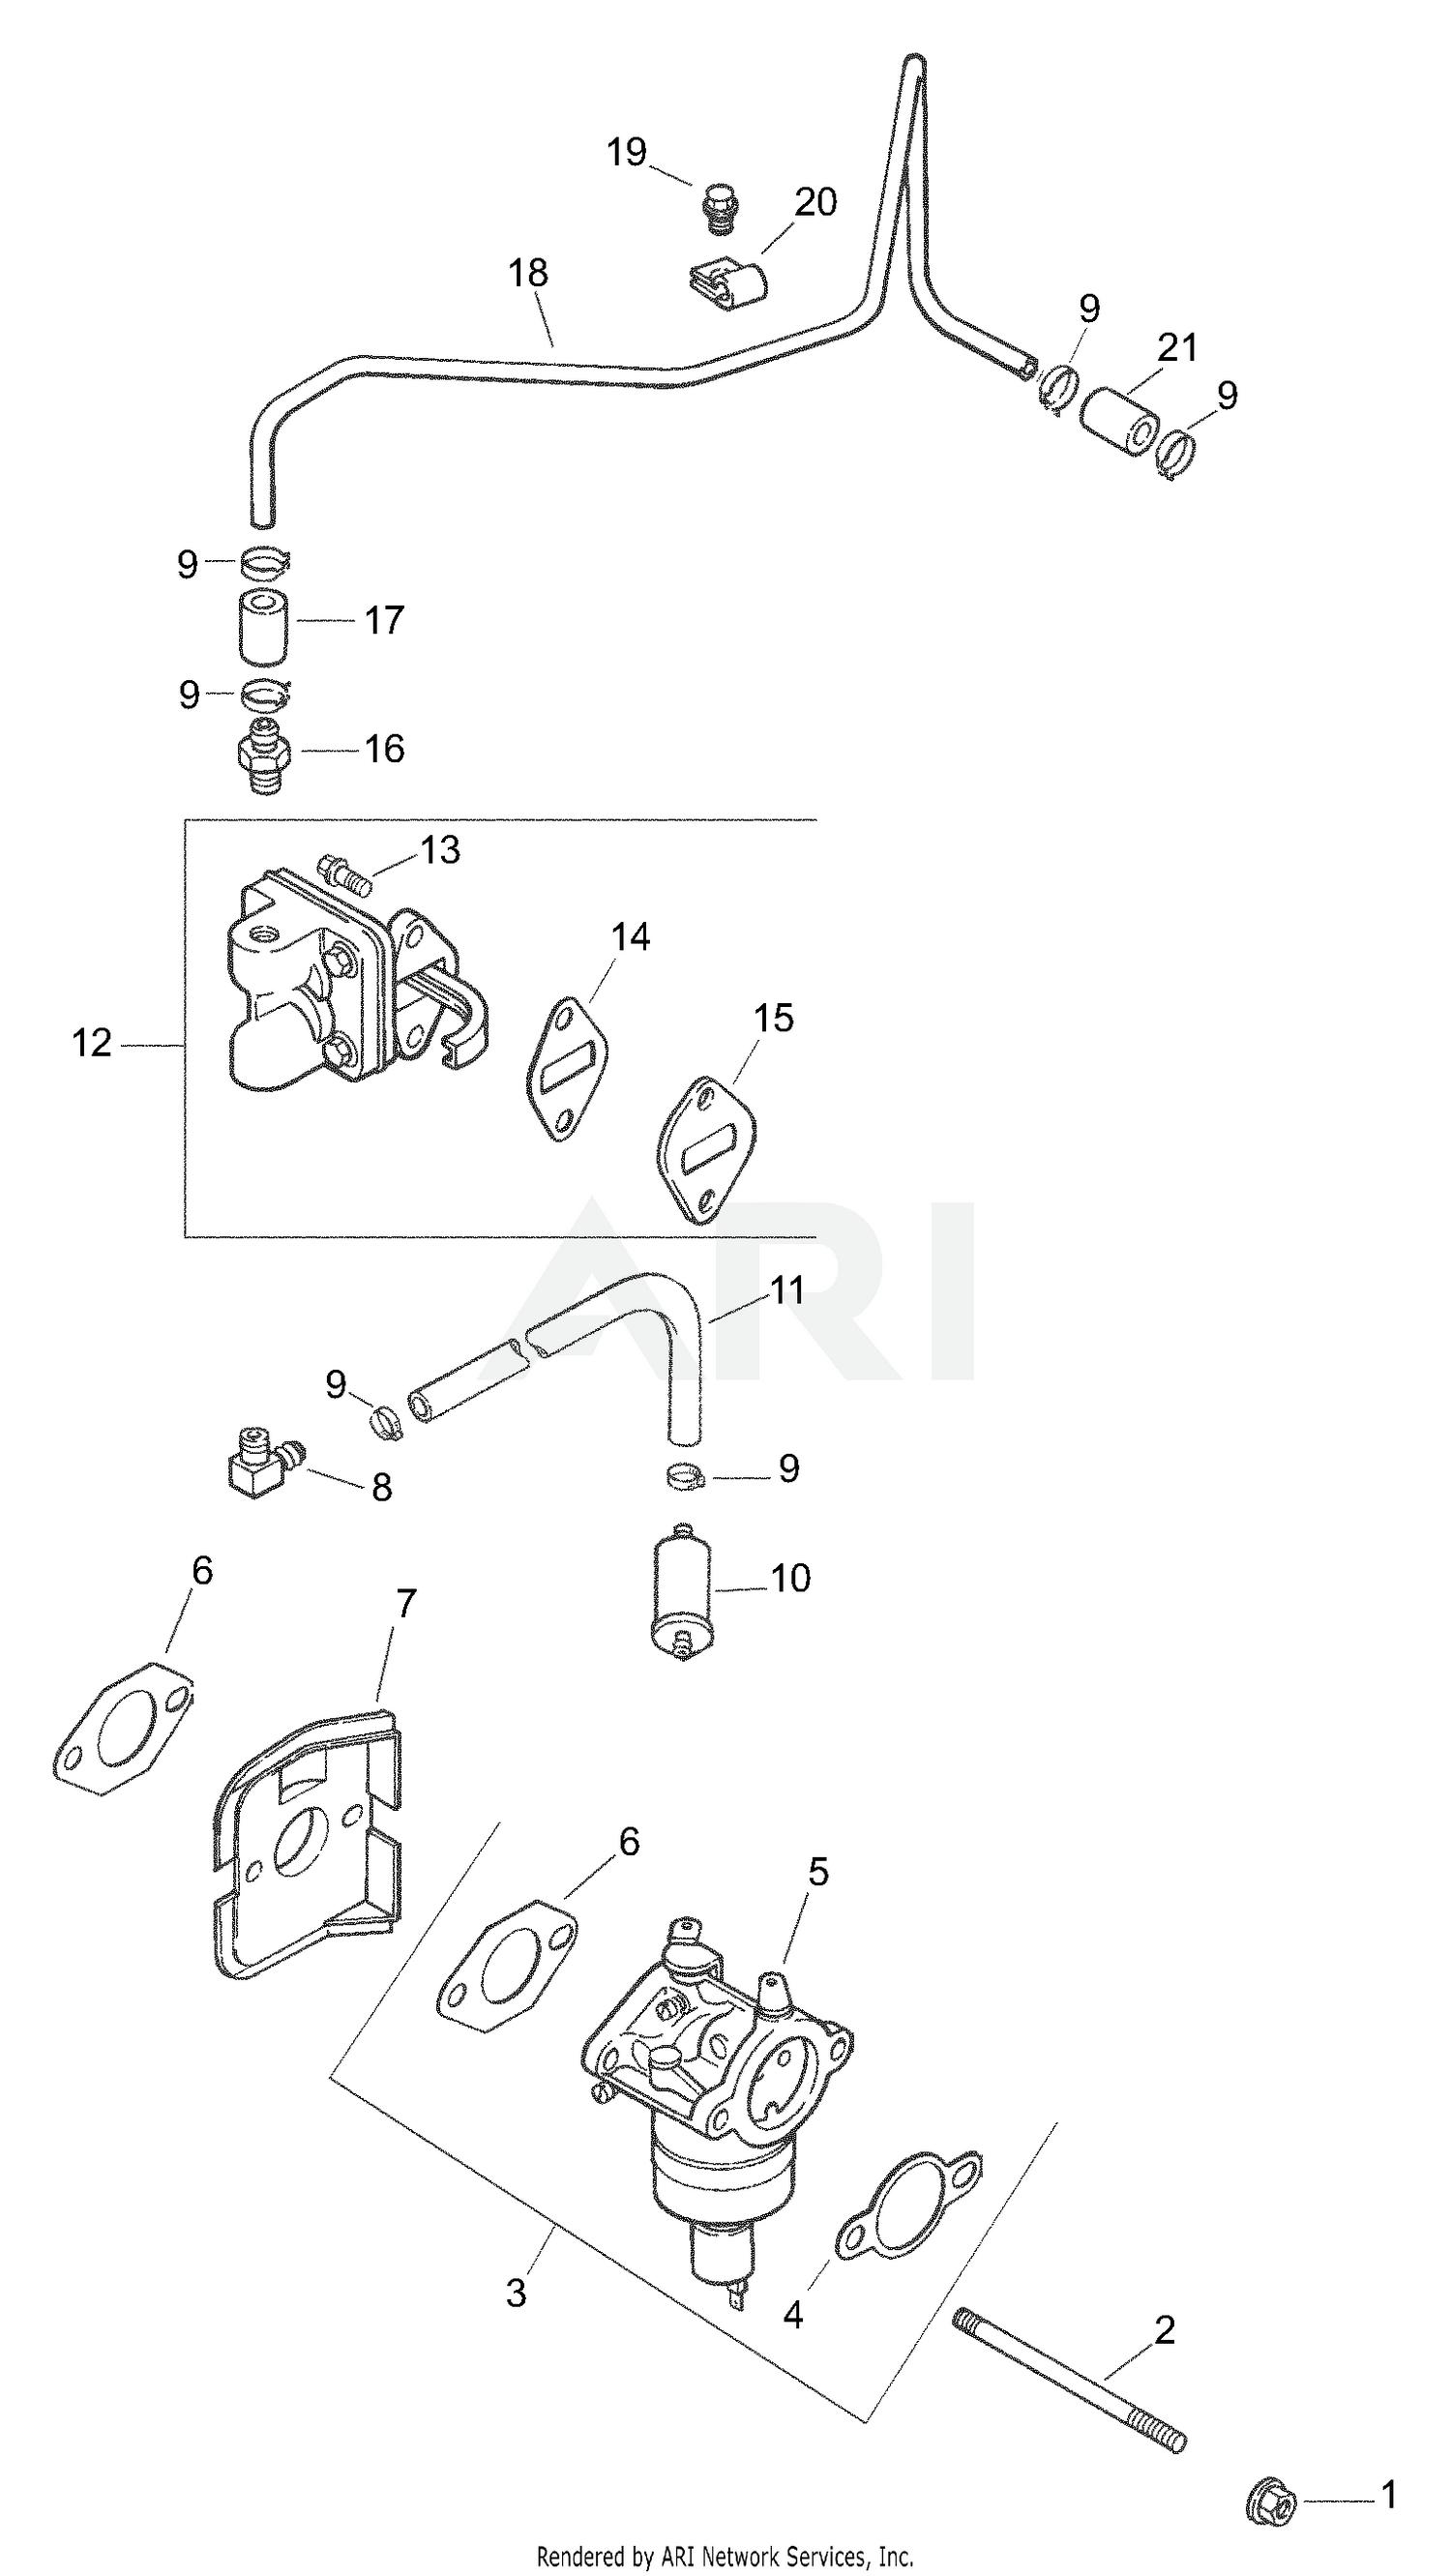 Carburetor Carb For Cub Cadet LT1018 13AB11CG712 13AL11CG710 13AB11CG710 Tractor